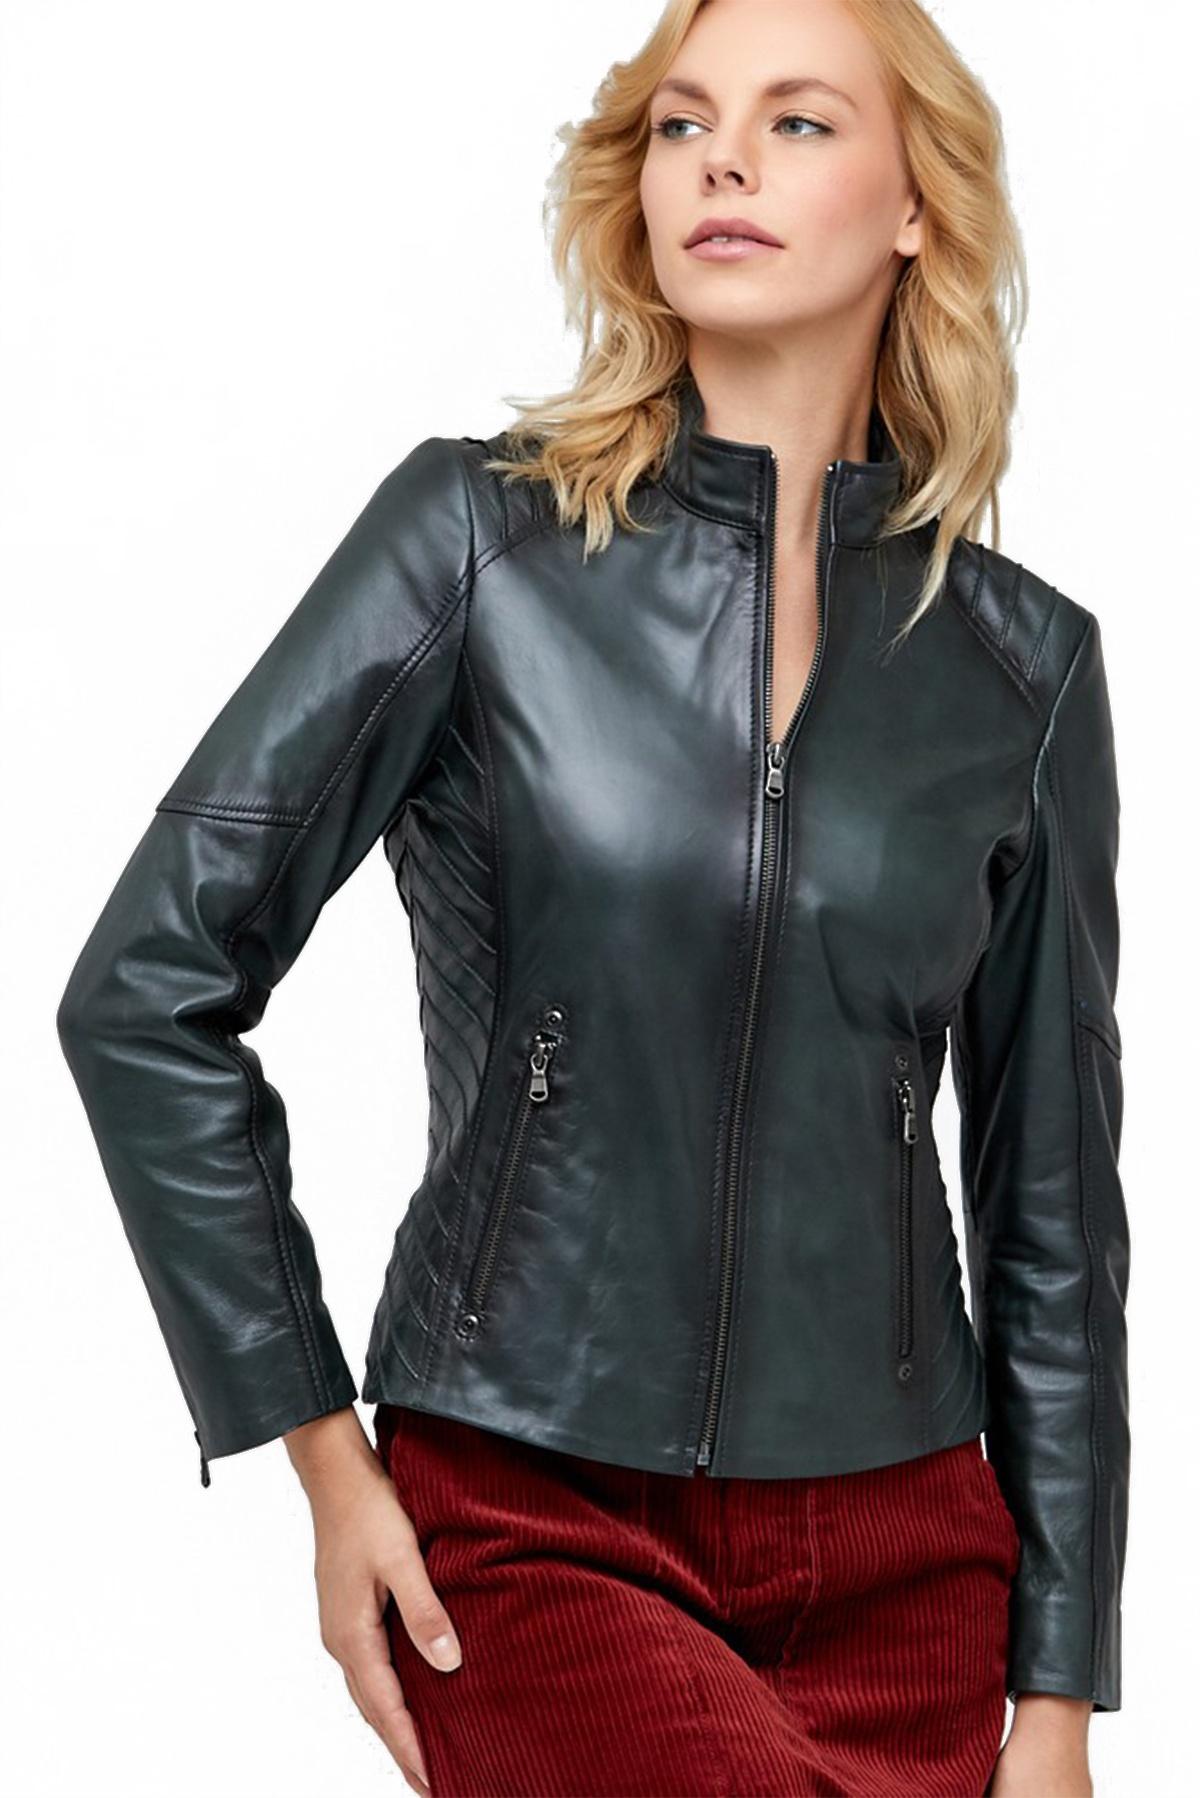 women's leather jacket uk